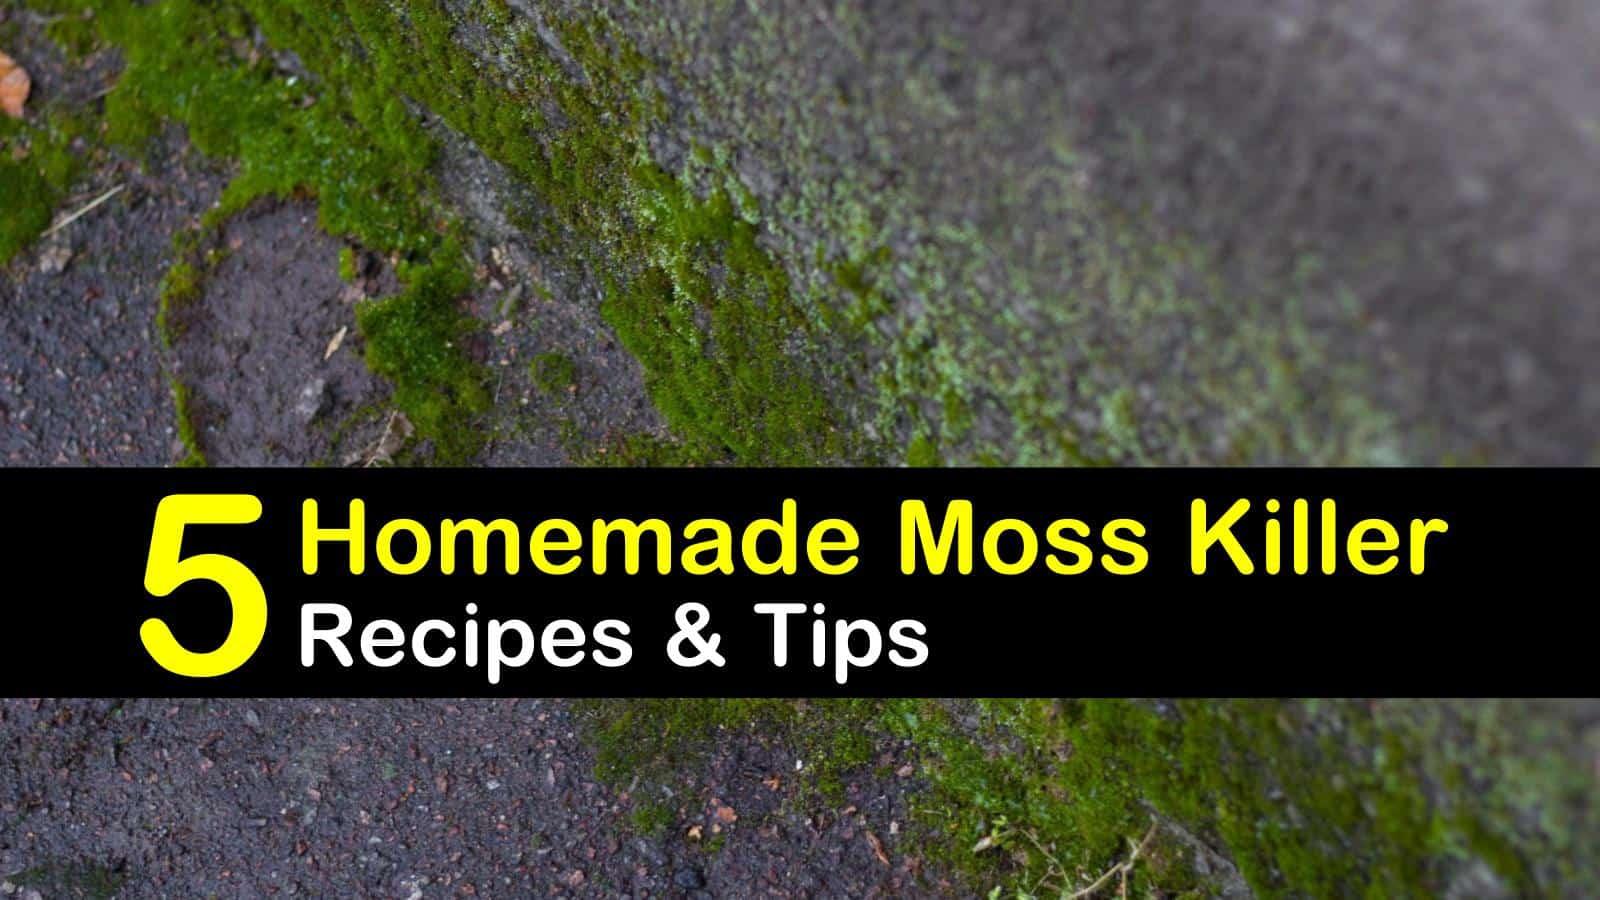 homemade moss killer titleimg1